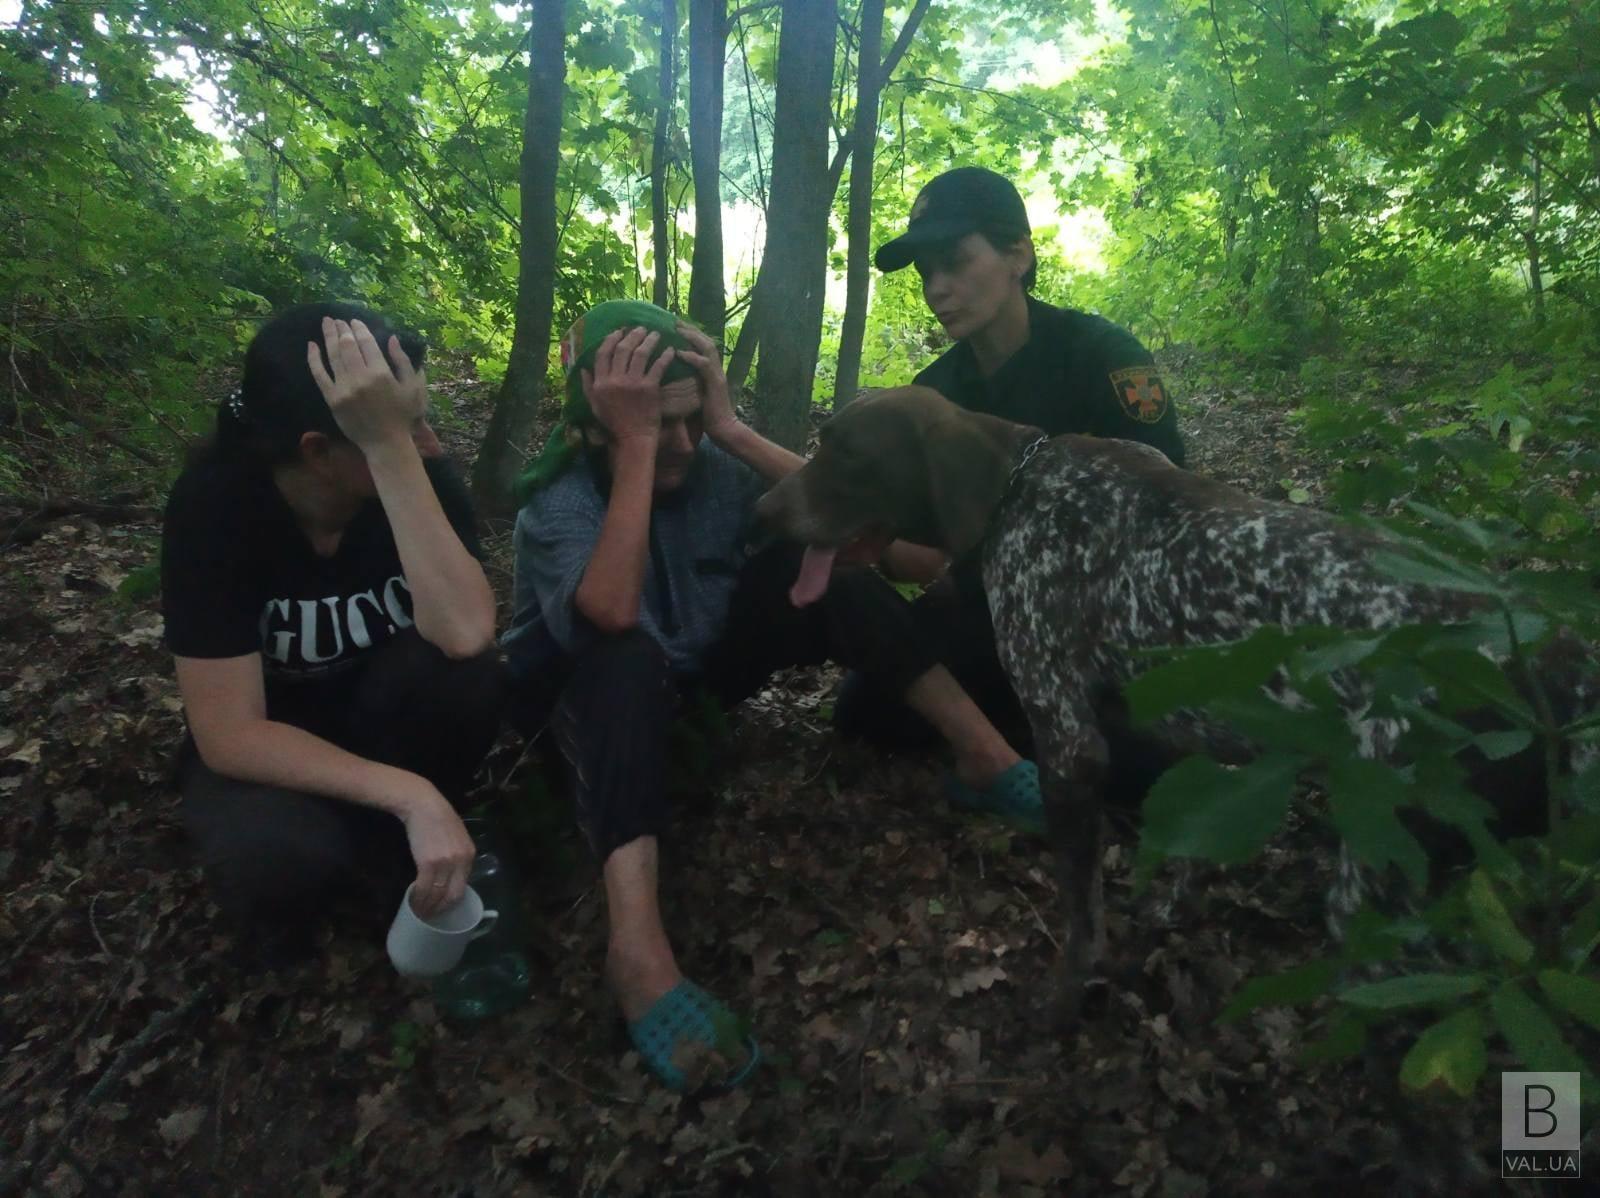 Провела у зарослях майже пів доби: на Чернігівщині кінологи знайшли літню жінку, яка заблукала у лісі